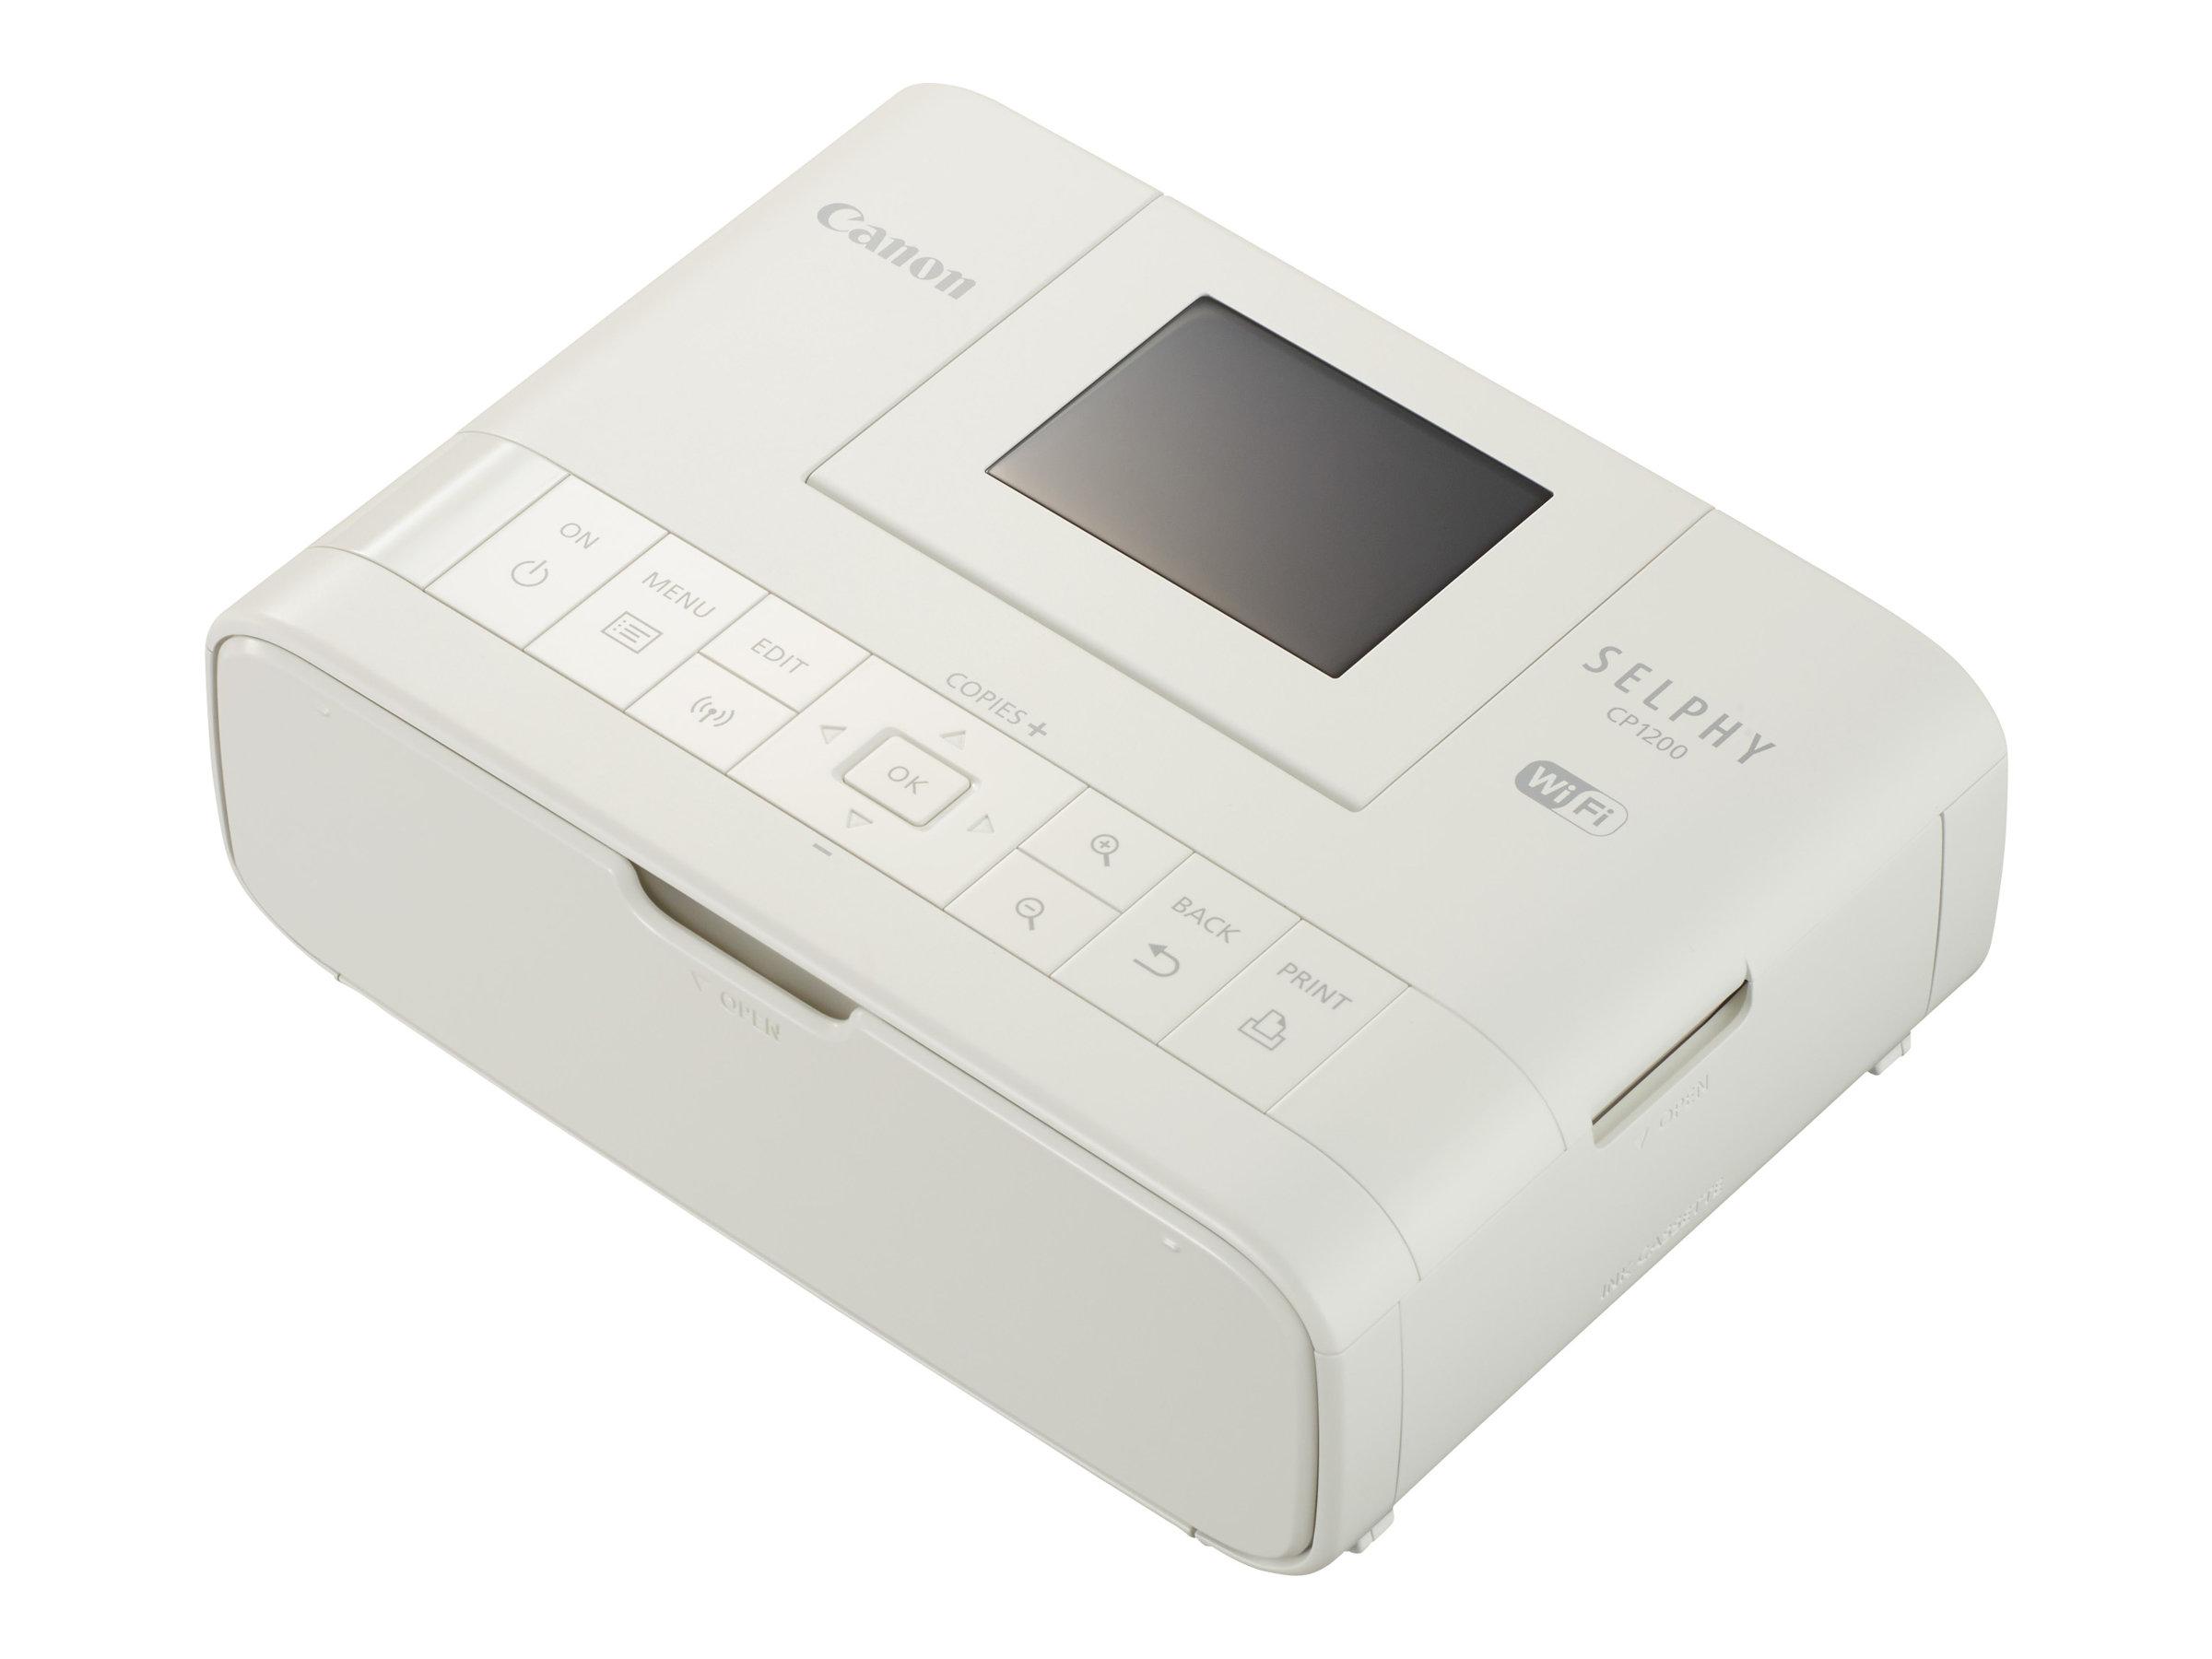 Canon SELPHY CP1200 - Drucker